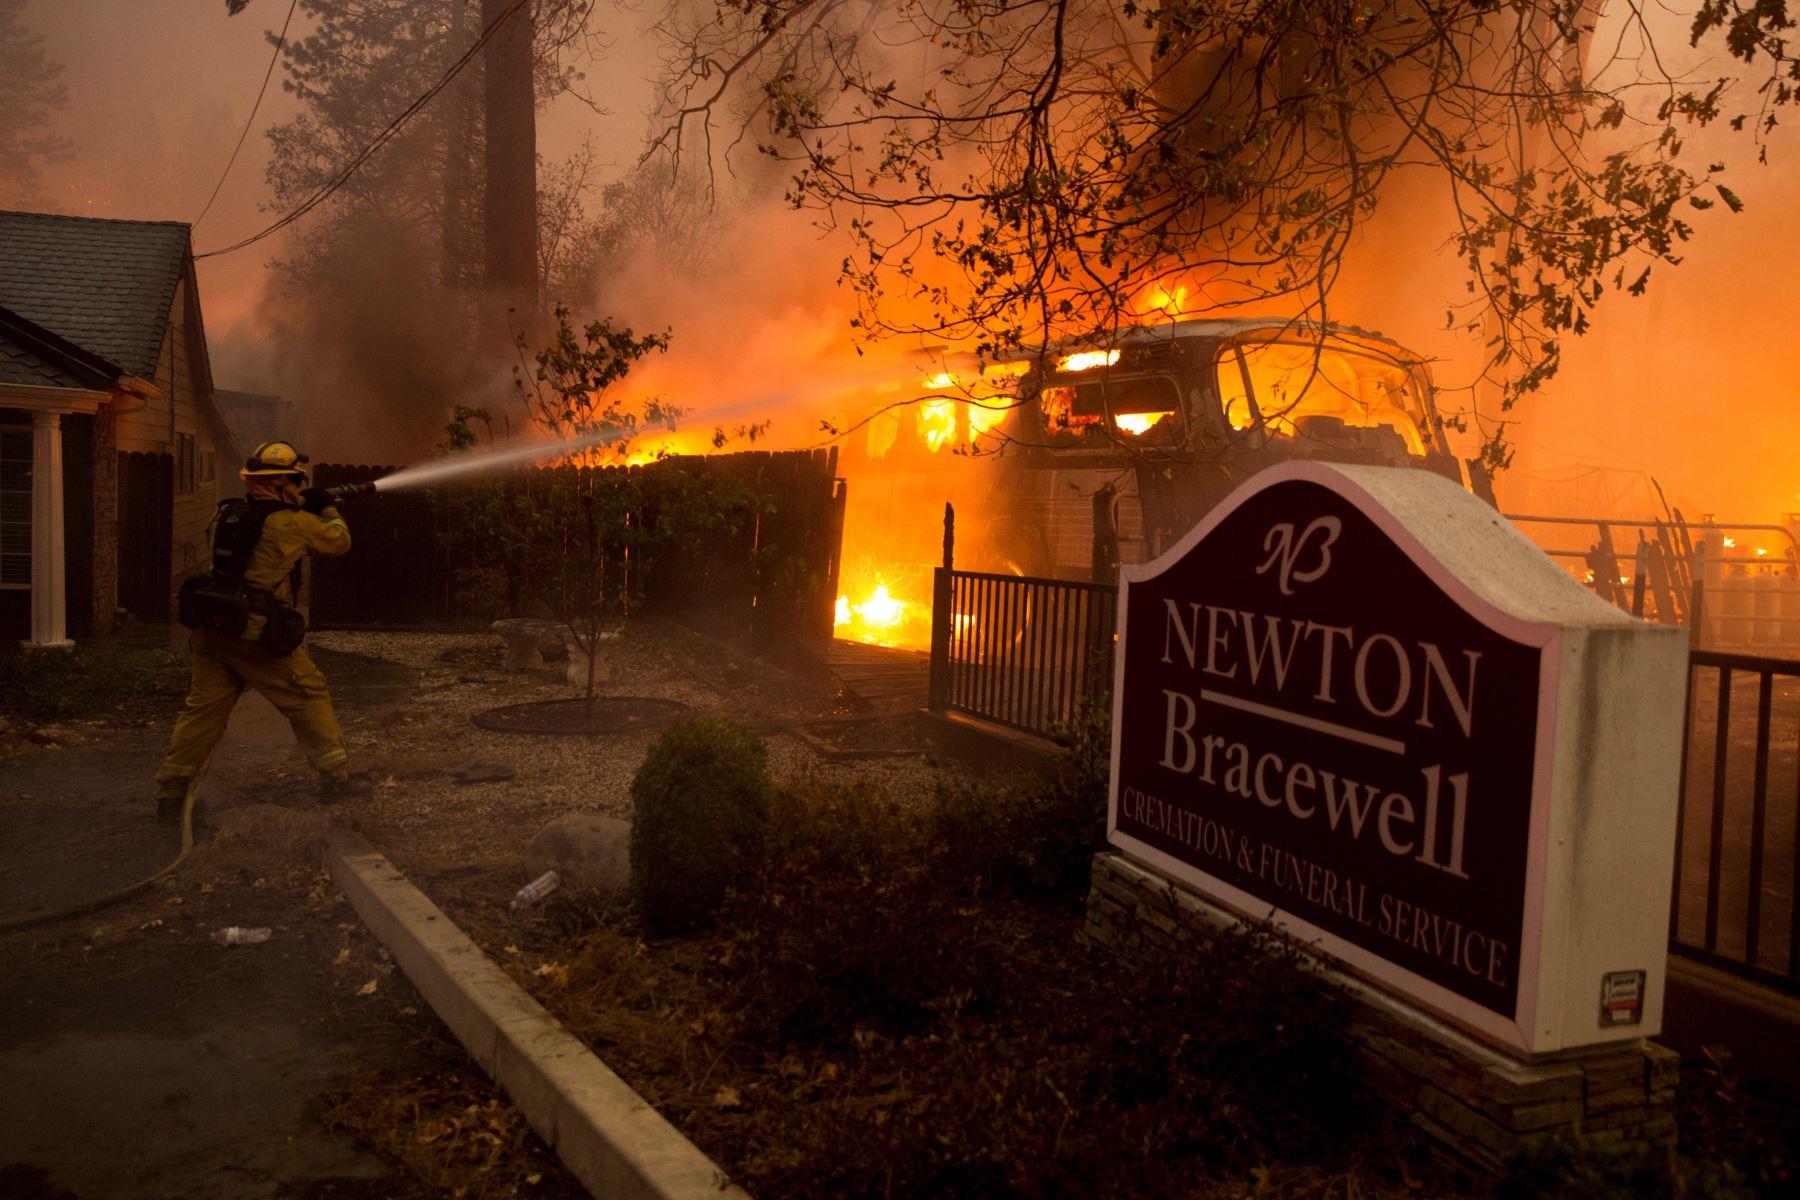 Vista del incendio hoy, jueves 8 de noviembre de 2018, en el condado de Butte, California (EE. UU.). Se ordenó a las comunidades cercanas a Pulga, Paraíso y Concurrencia que evacuar la zona.EFE